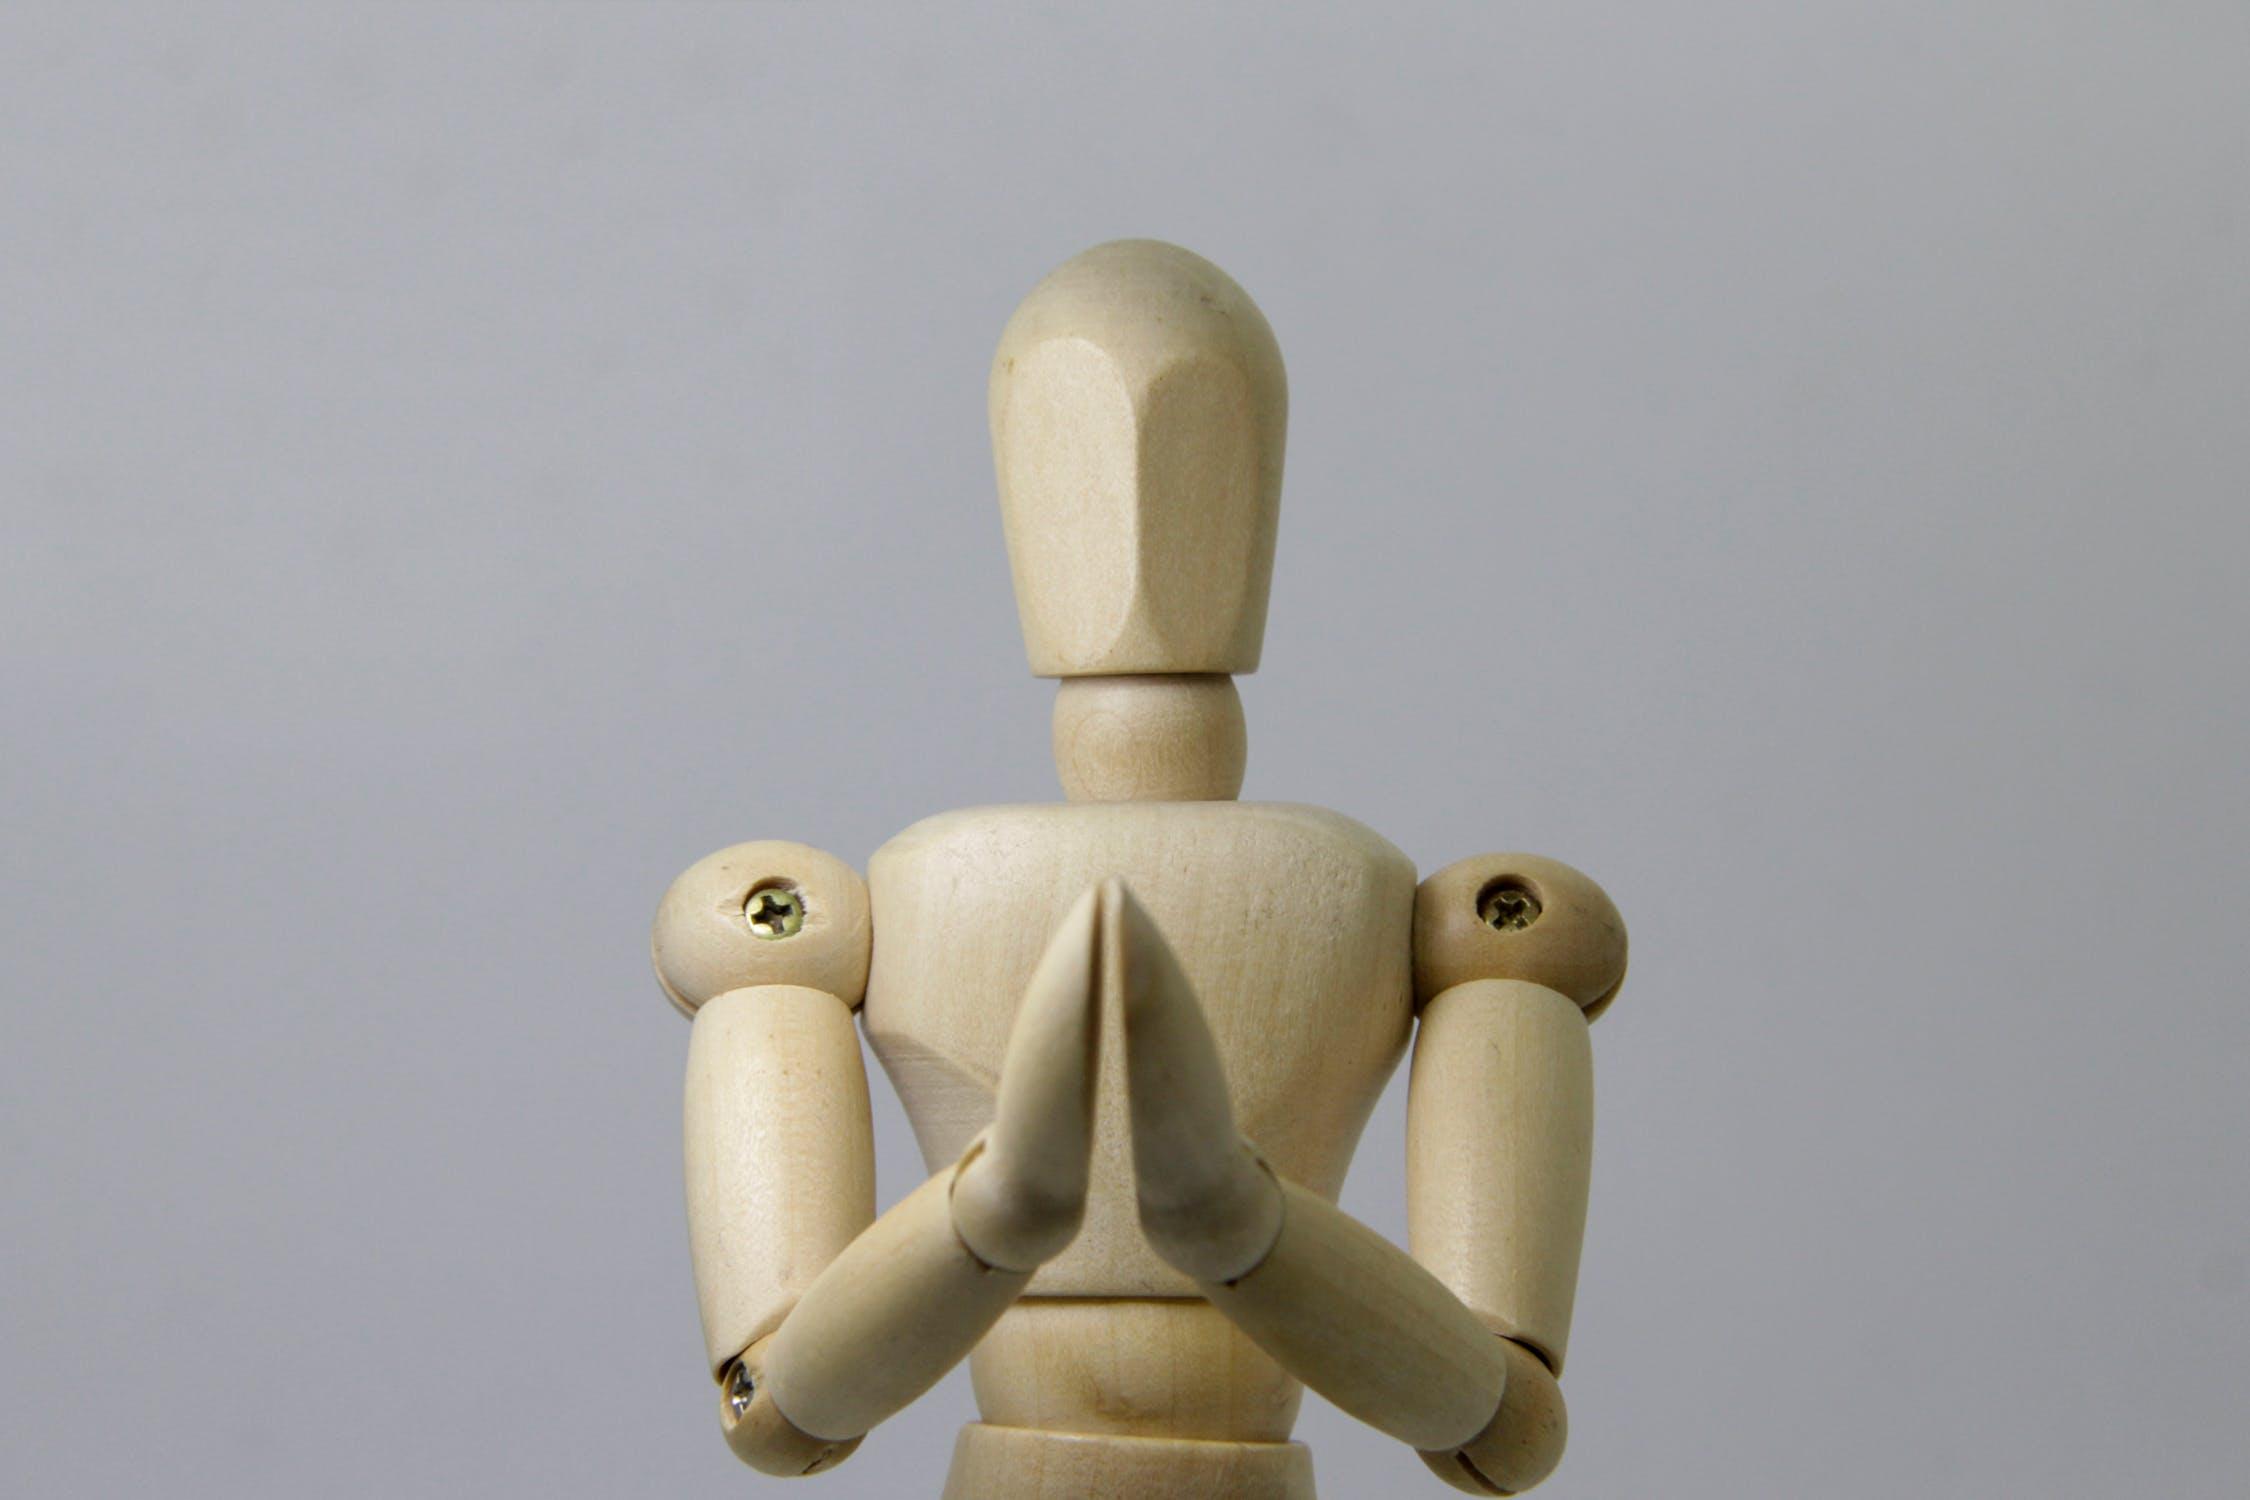 Roboti vjaponských chrámech mohou být levnější než skuteční duchovní